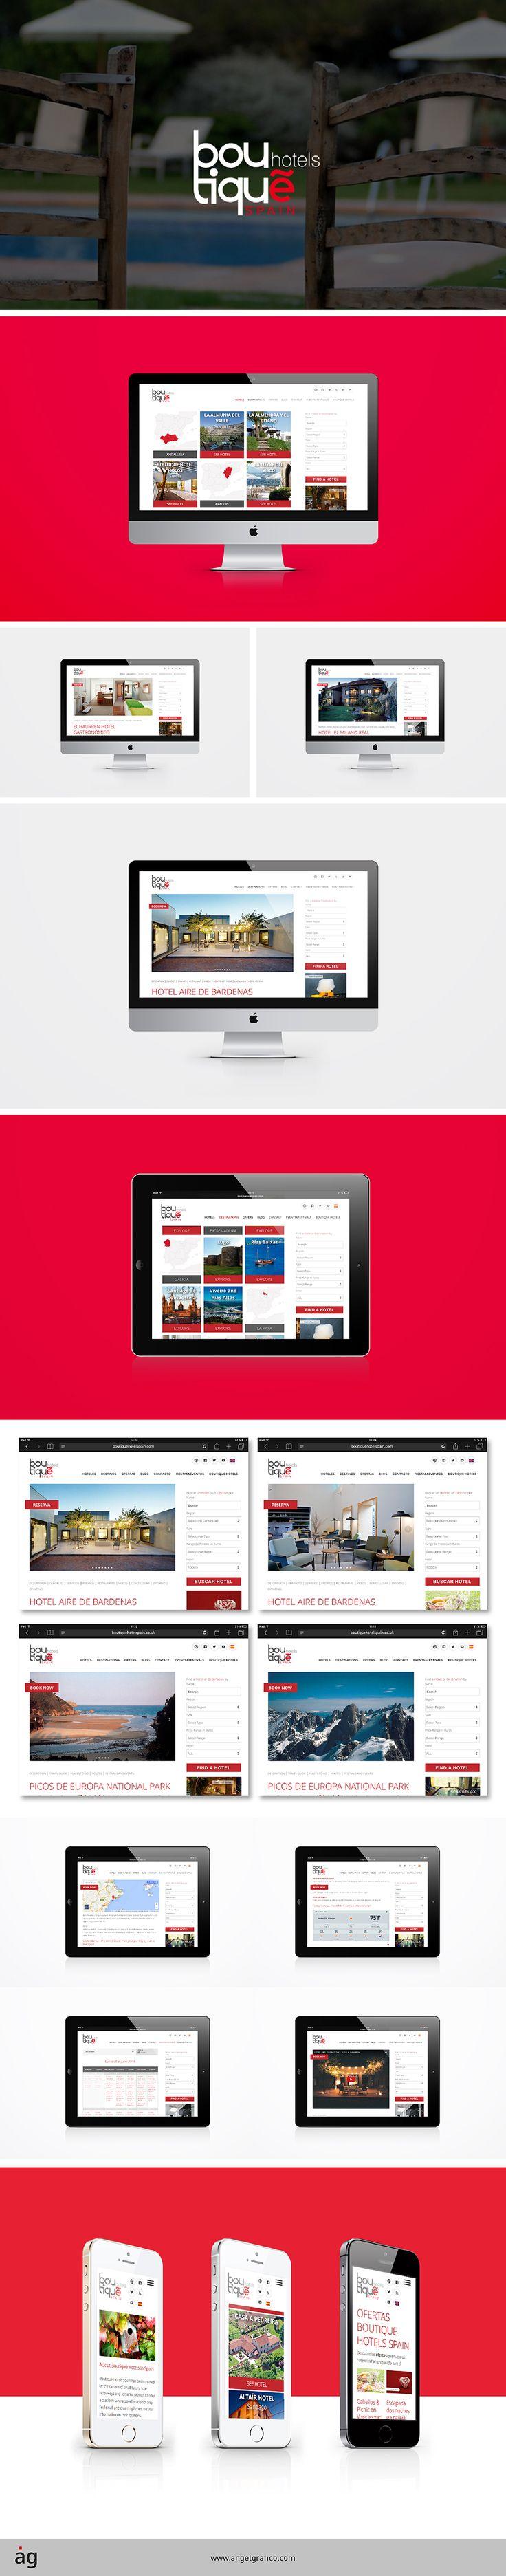 BOUTIQUE HOTELS SPAIN #anfitrión #angelgrafico #angelgraficodisseny #BoutiqueHotelsSpain #club #comer #cultura  #destinos #diseñográfico #diseñoweb #dormir #escapada #escapadaromántica #españa #exclusivo #experiencia #fiestaspopulares #gastronomía  #googleadwords #hoteles #hotelesencanto #huésped #ipad #iphone #lujo #ofertaviaje  #parajenatural #promo #relax #reserva #responsive #rural #rutas #satisfacción #sem #seo #tablet #territorioespañol #turismo #turismoEspaña #vacaciones #viaje #web